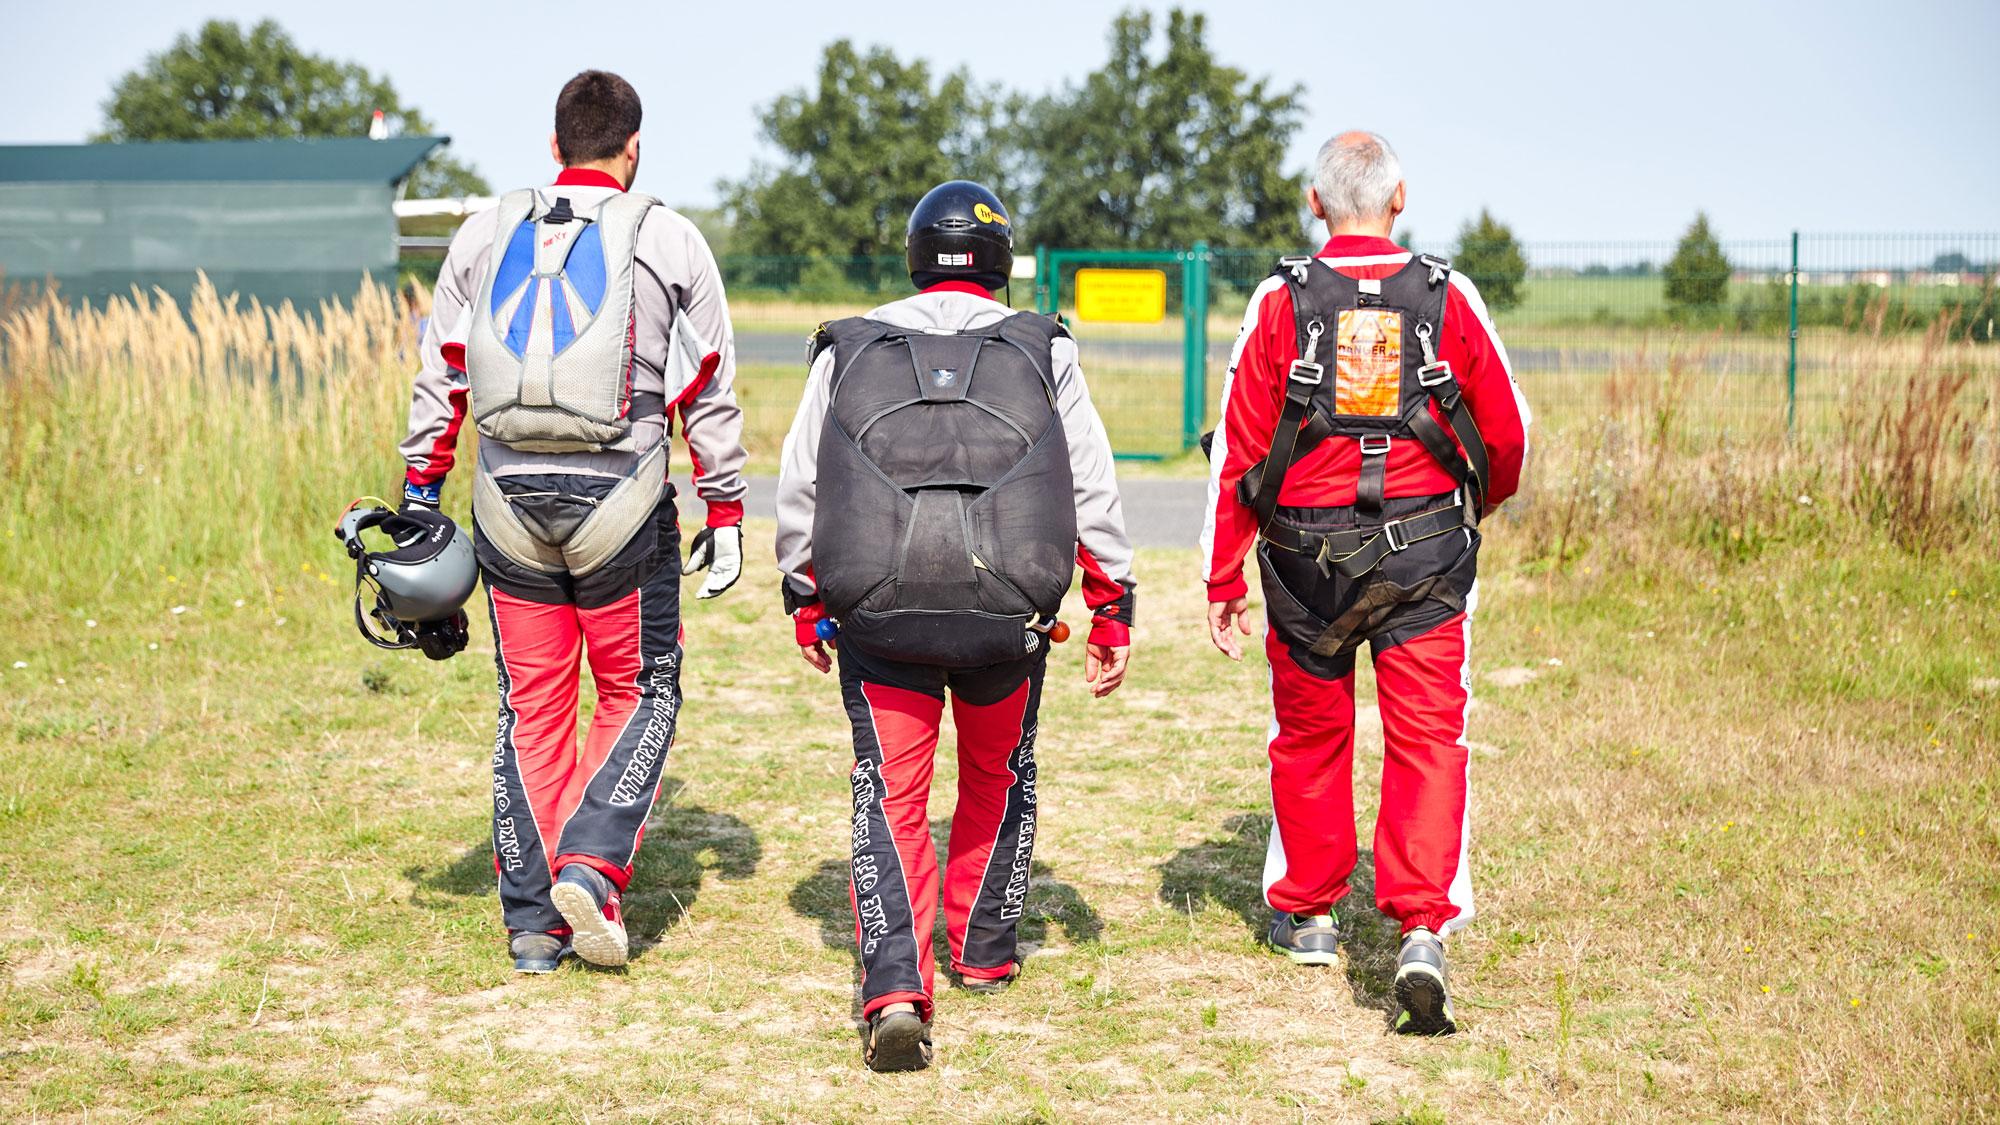 AKE Off Berlin - Tandemspringen - Zwei Tandempiloten und ein Tandemspringer auf dem Weg zum Flugzeug